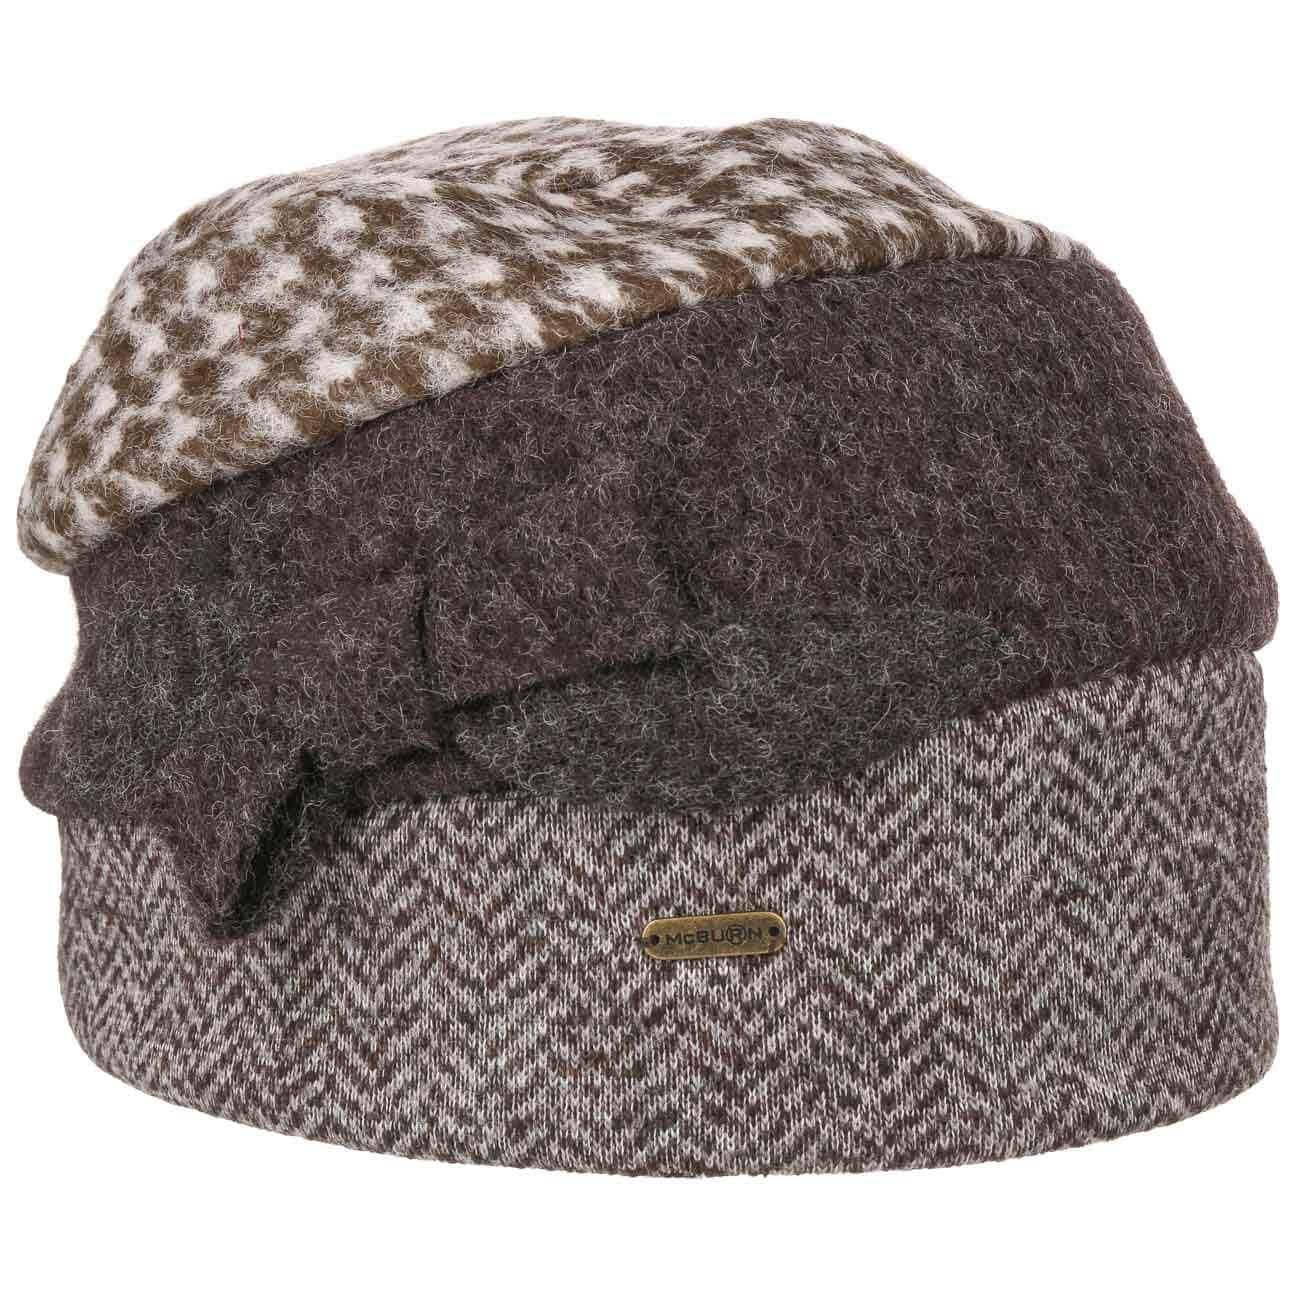 Bonnet en Laine Tri-Patterned by McBURN  bonnet beanie